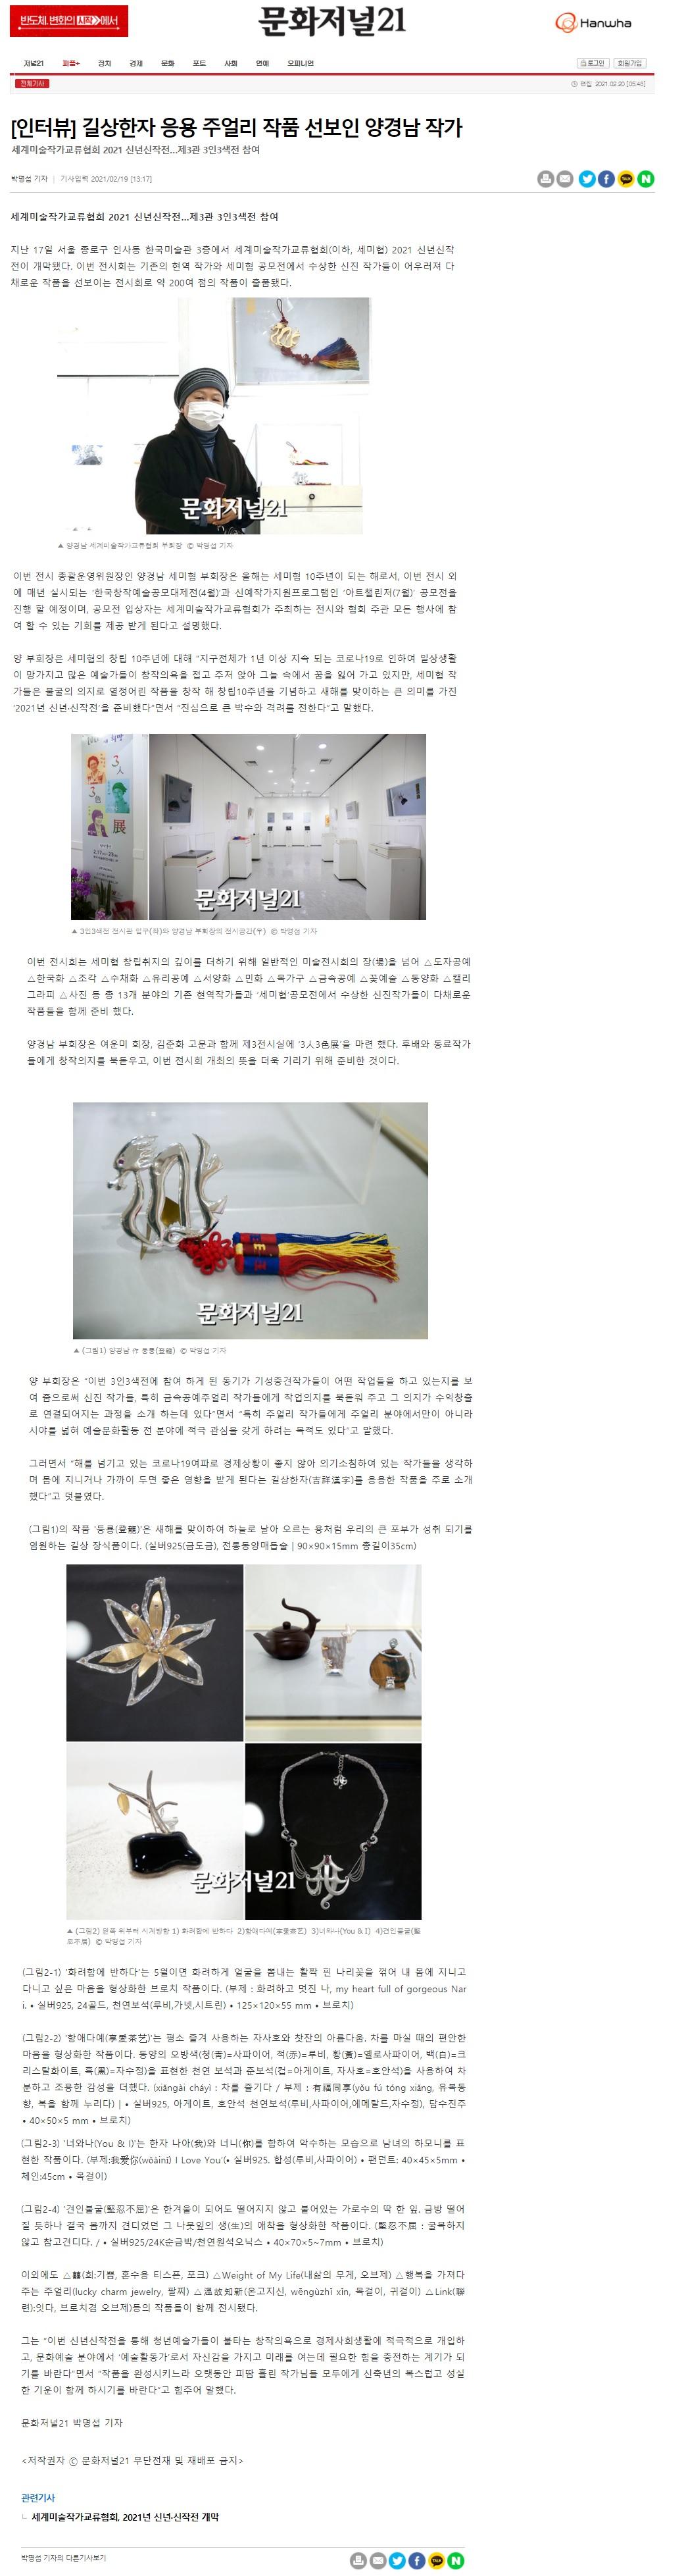 8_문화저널21_양경남 금속공예 작가.jpg